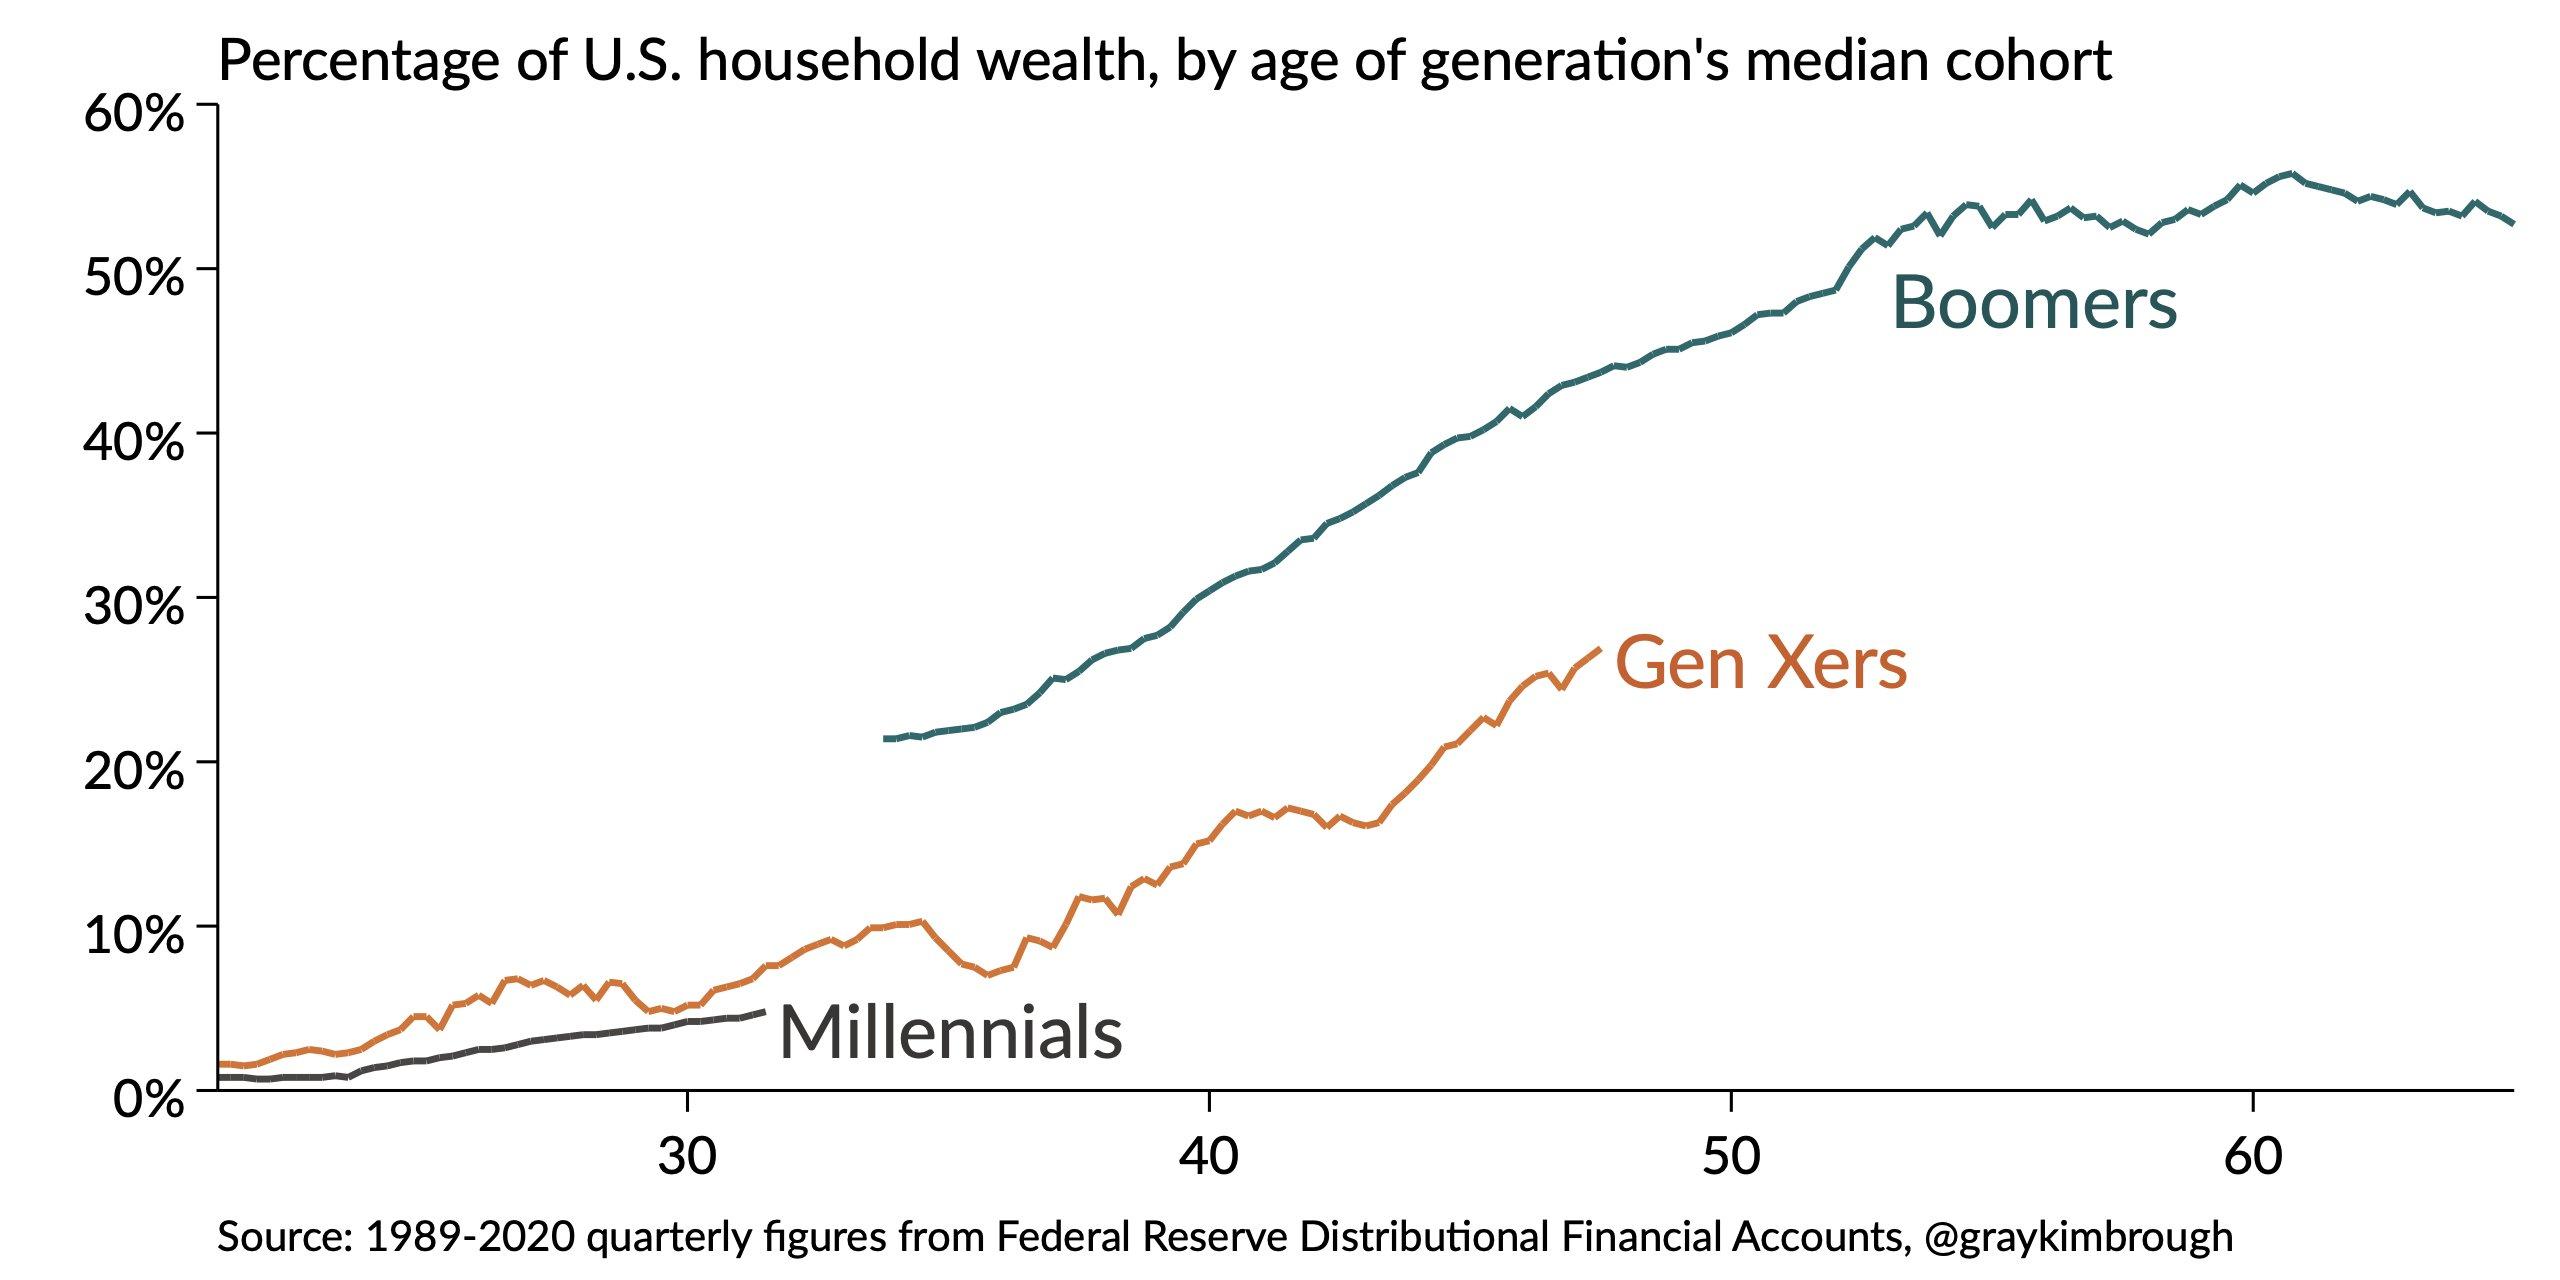 Porcentaje de la riqueza de los hogares de EE. UU. Por edad de cohorte generacional - Mom and Dad Bank